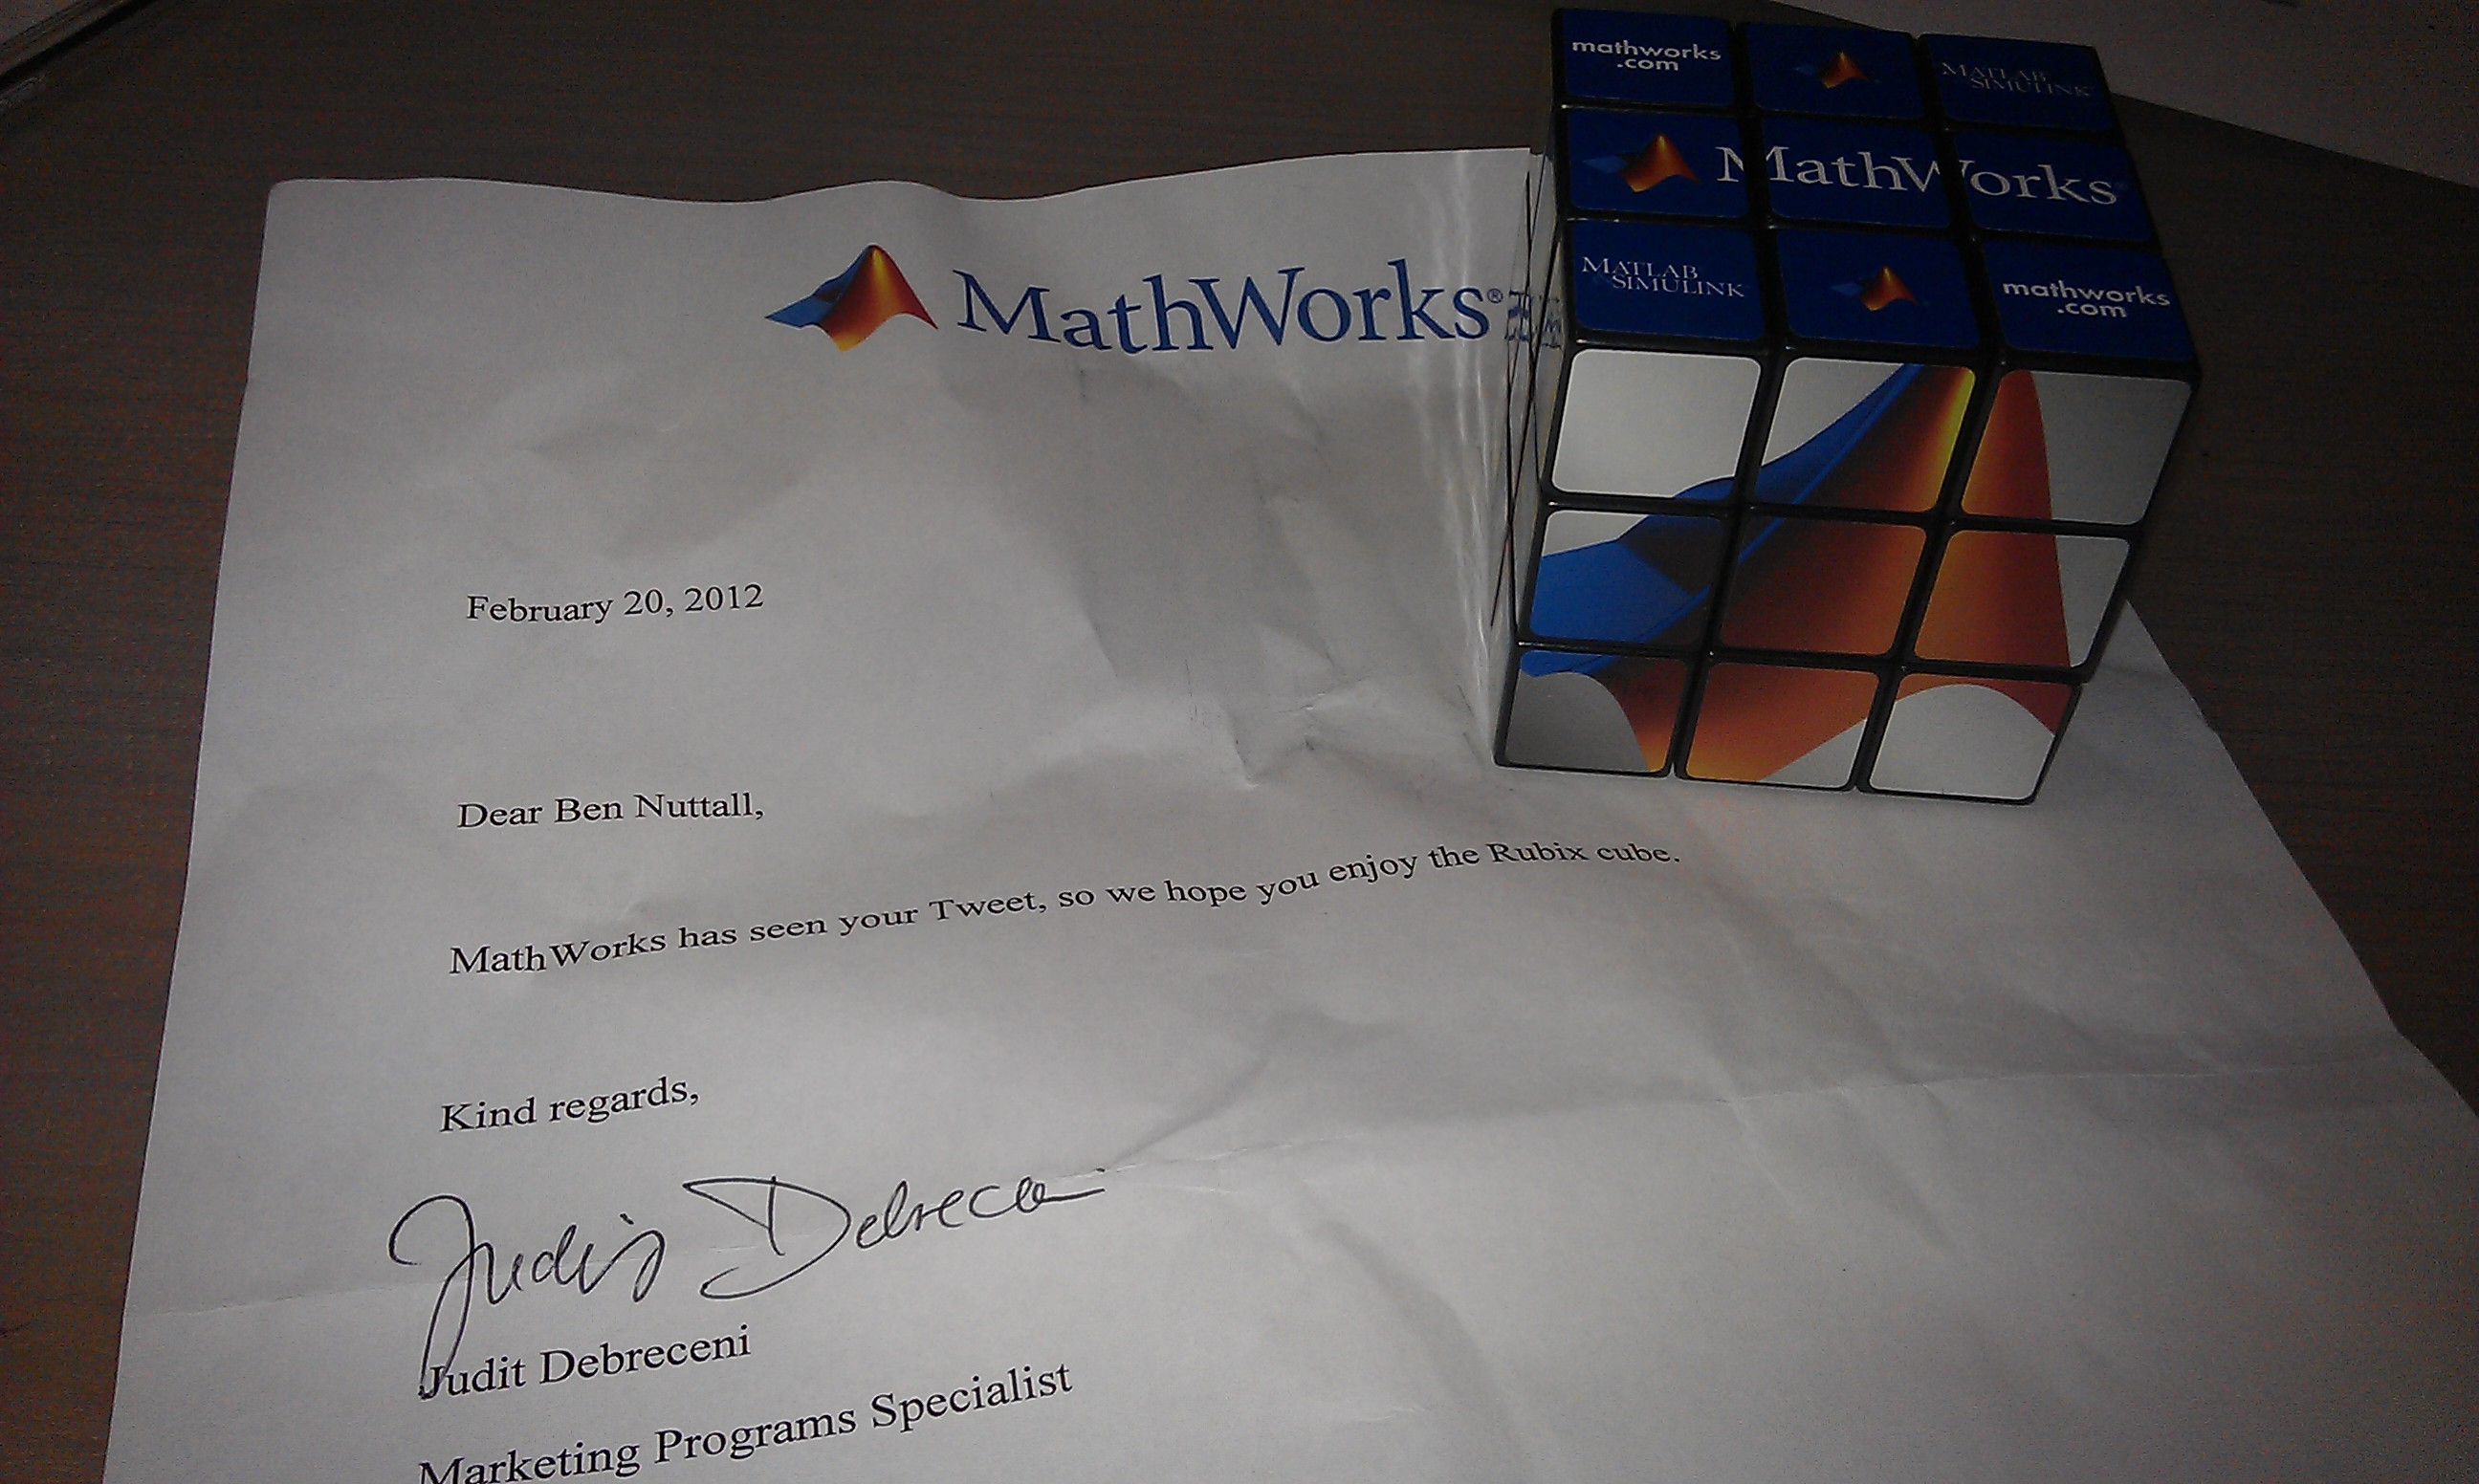 Mathworks Sent Me a Rubik's Cube